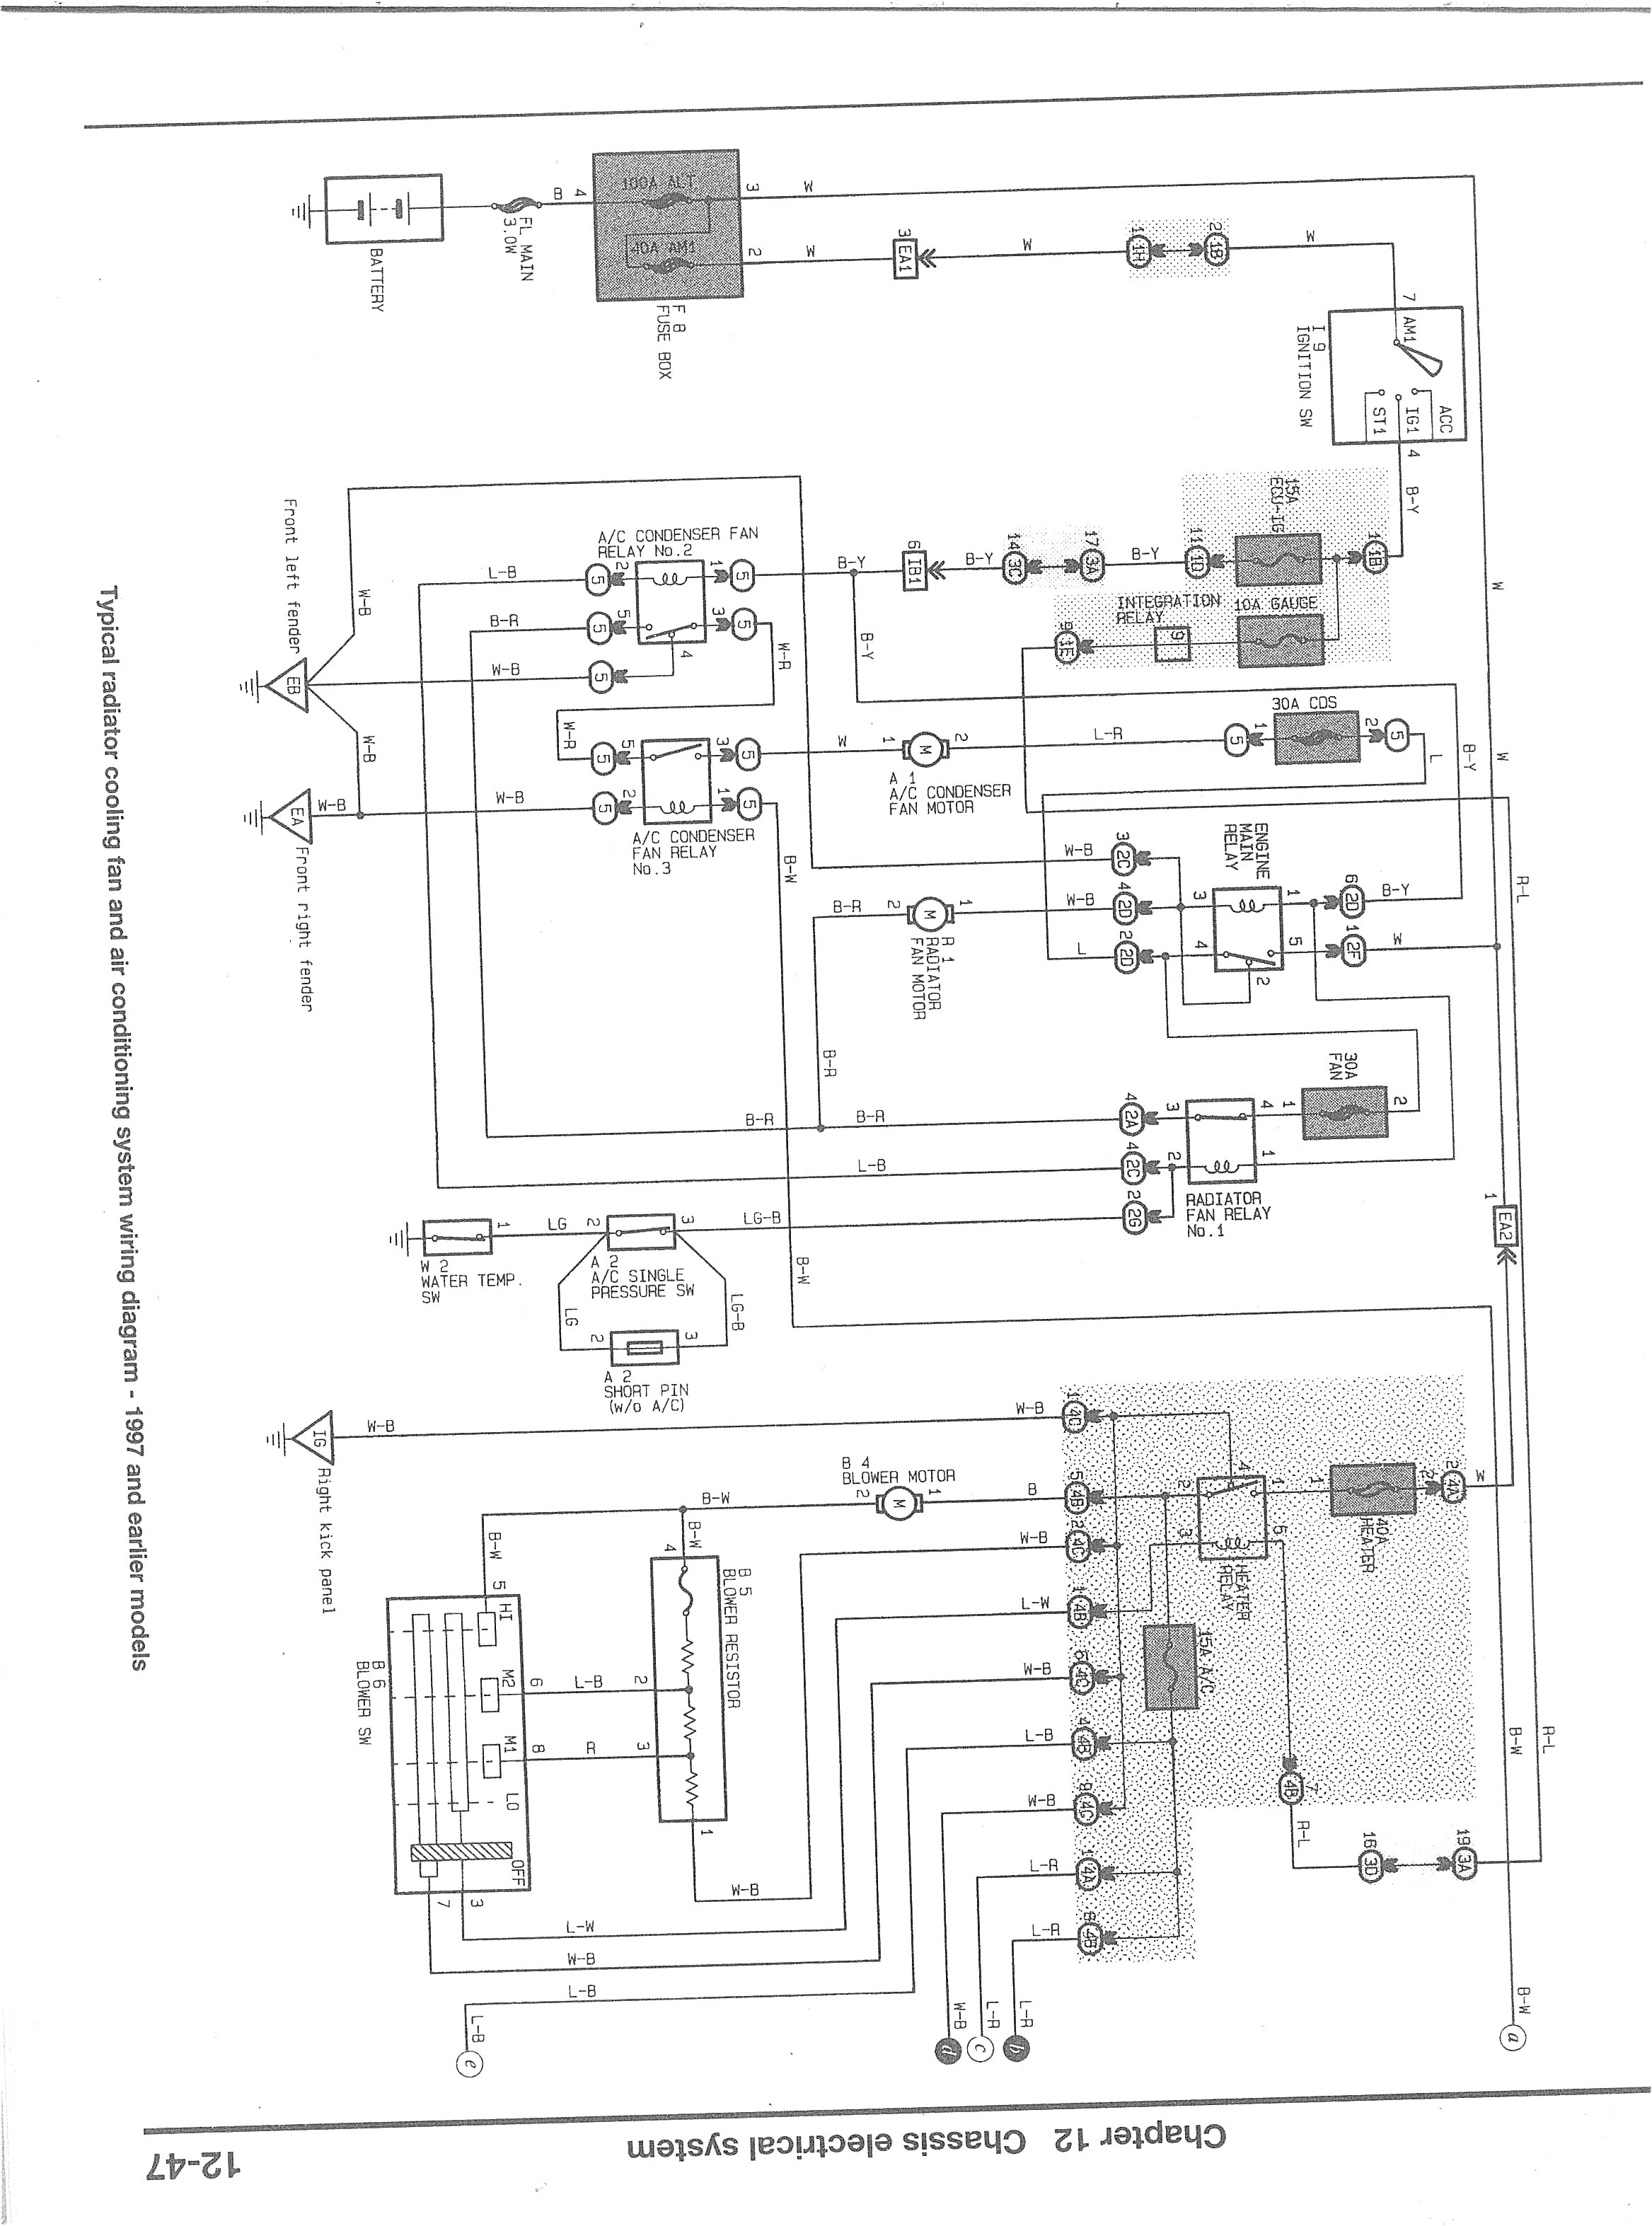 Goodman Aruf Air Handler Wiring Diagram | Wiring Diagram Image